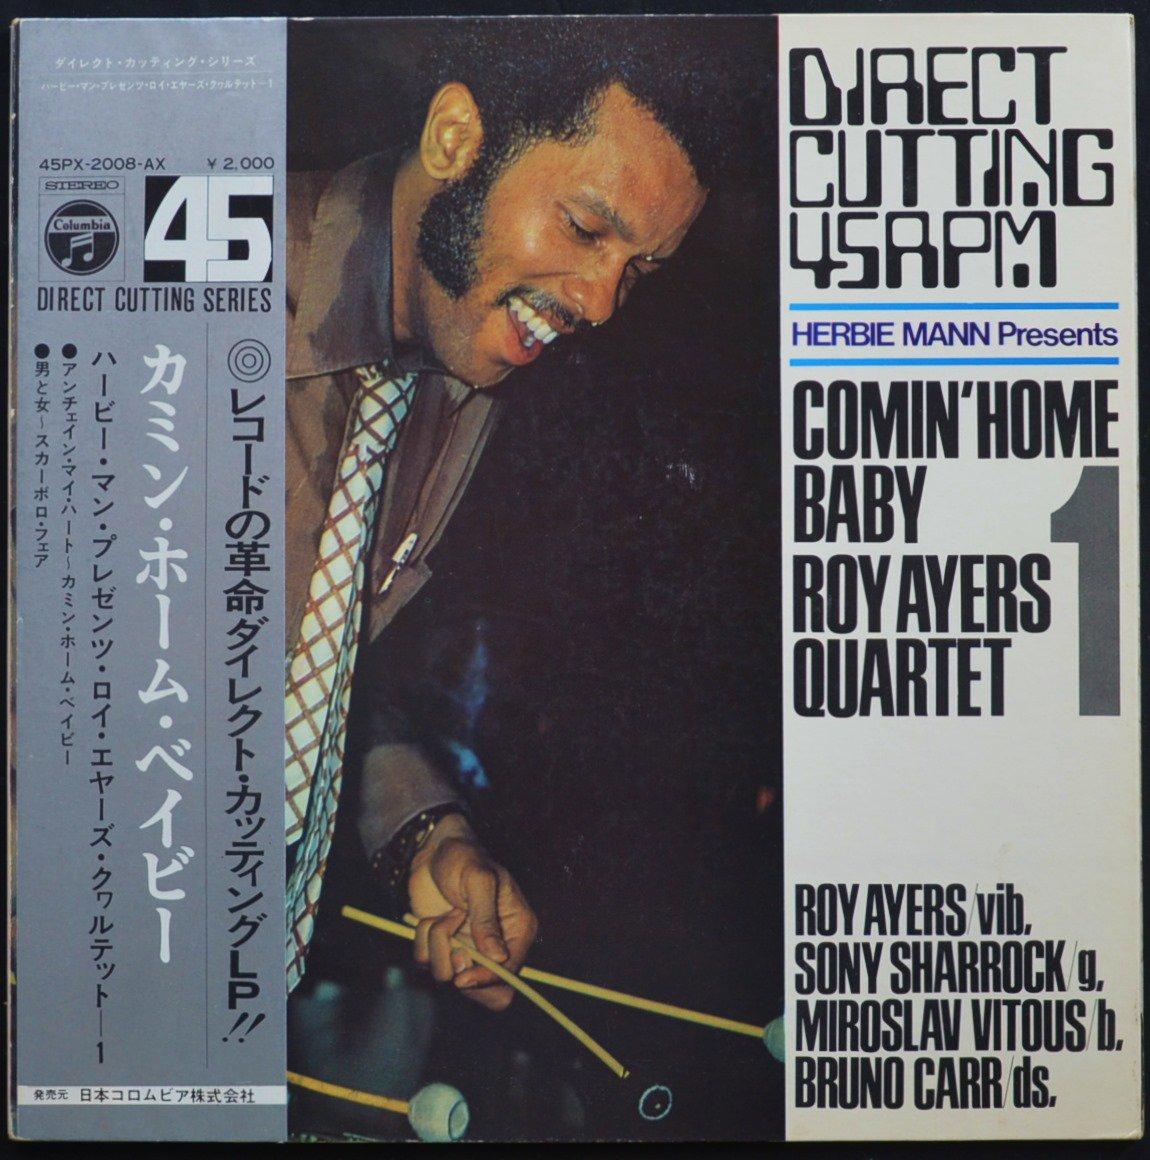 ロイ・エヤーズ・クワルテット ROY AYERS QUARTET / HERBIE MANN PRESENTS COMIN' HOME BABY ROY AYERS QUARTET 1 (LP)